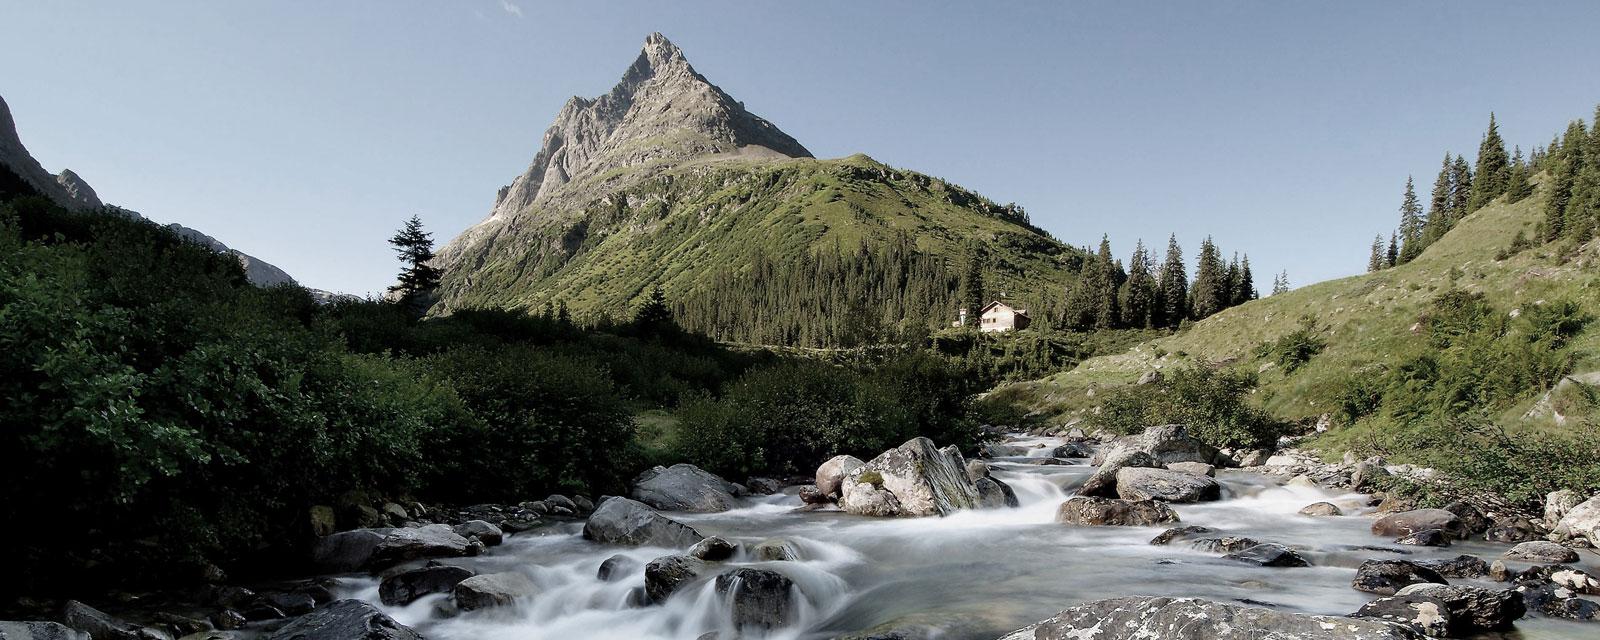 Blick auf einen grün bewachsenen Berg